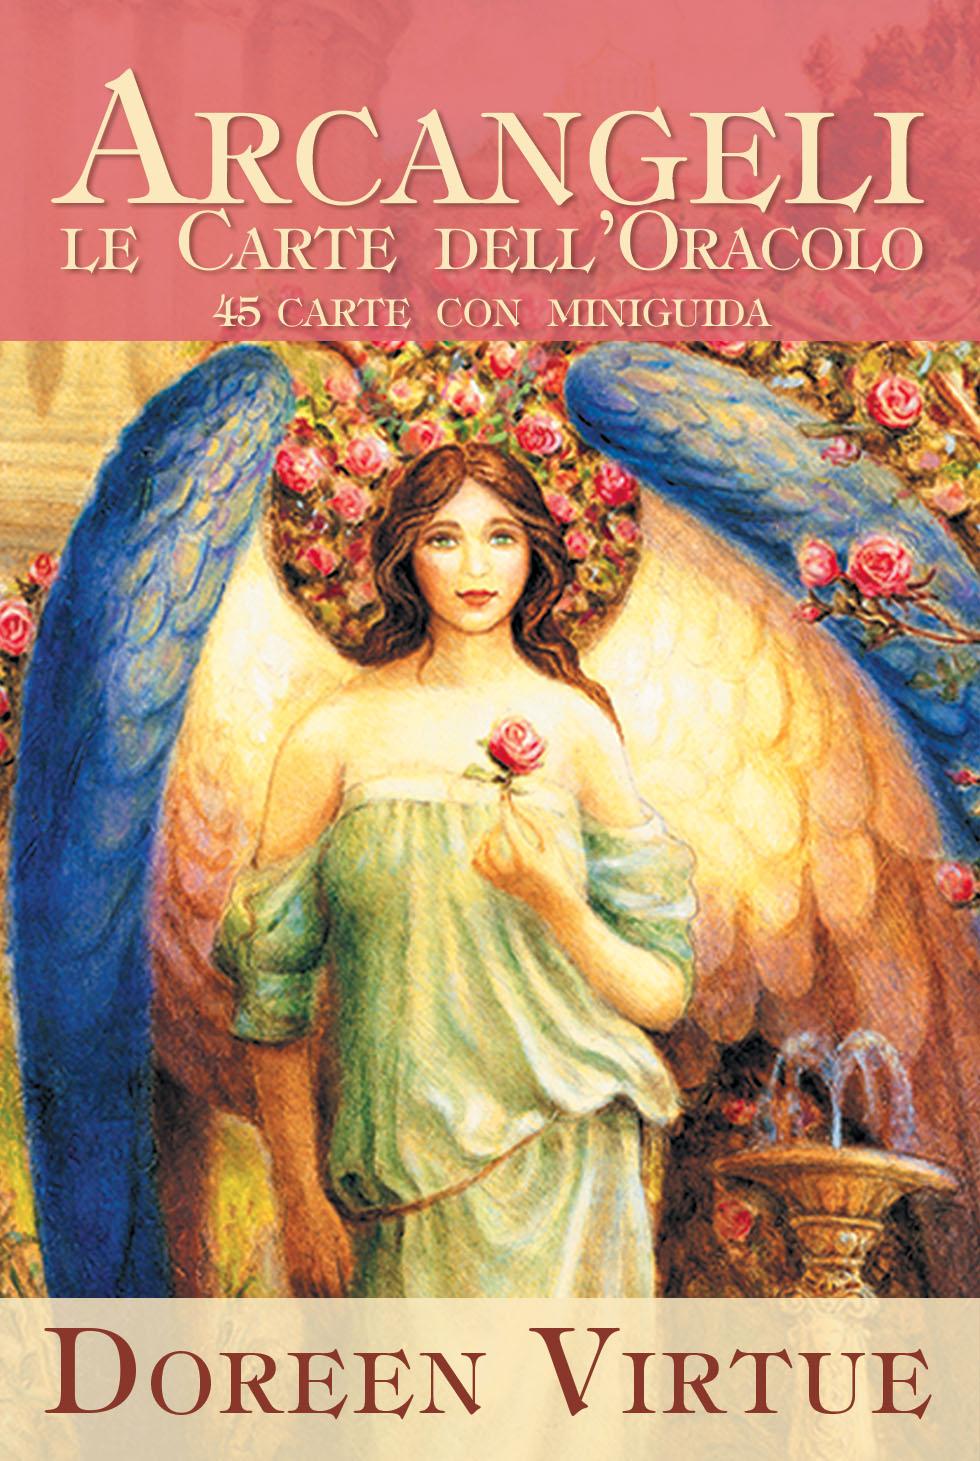 carte_arcangeli